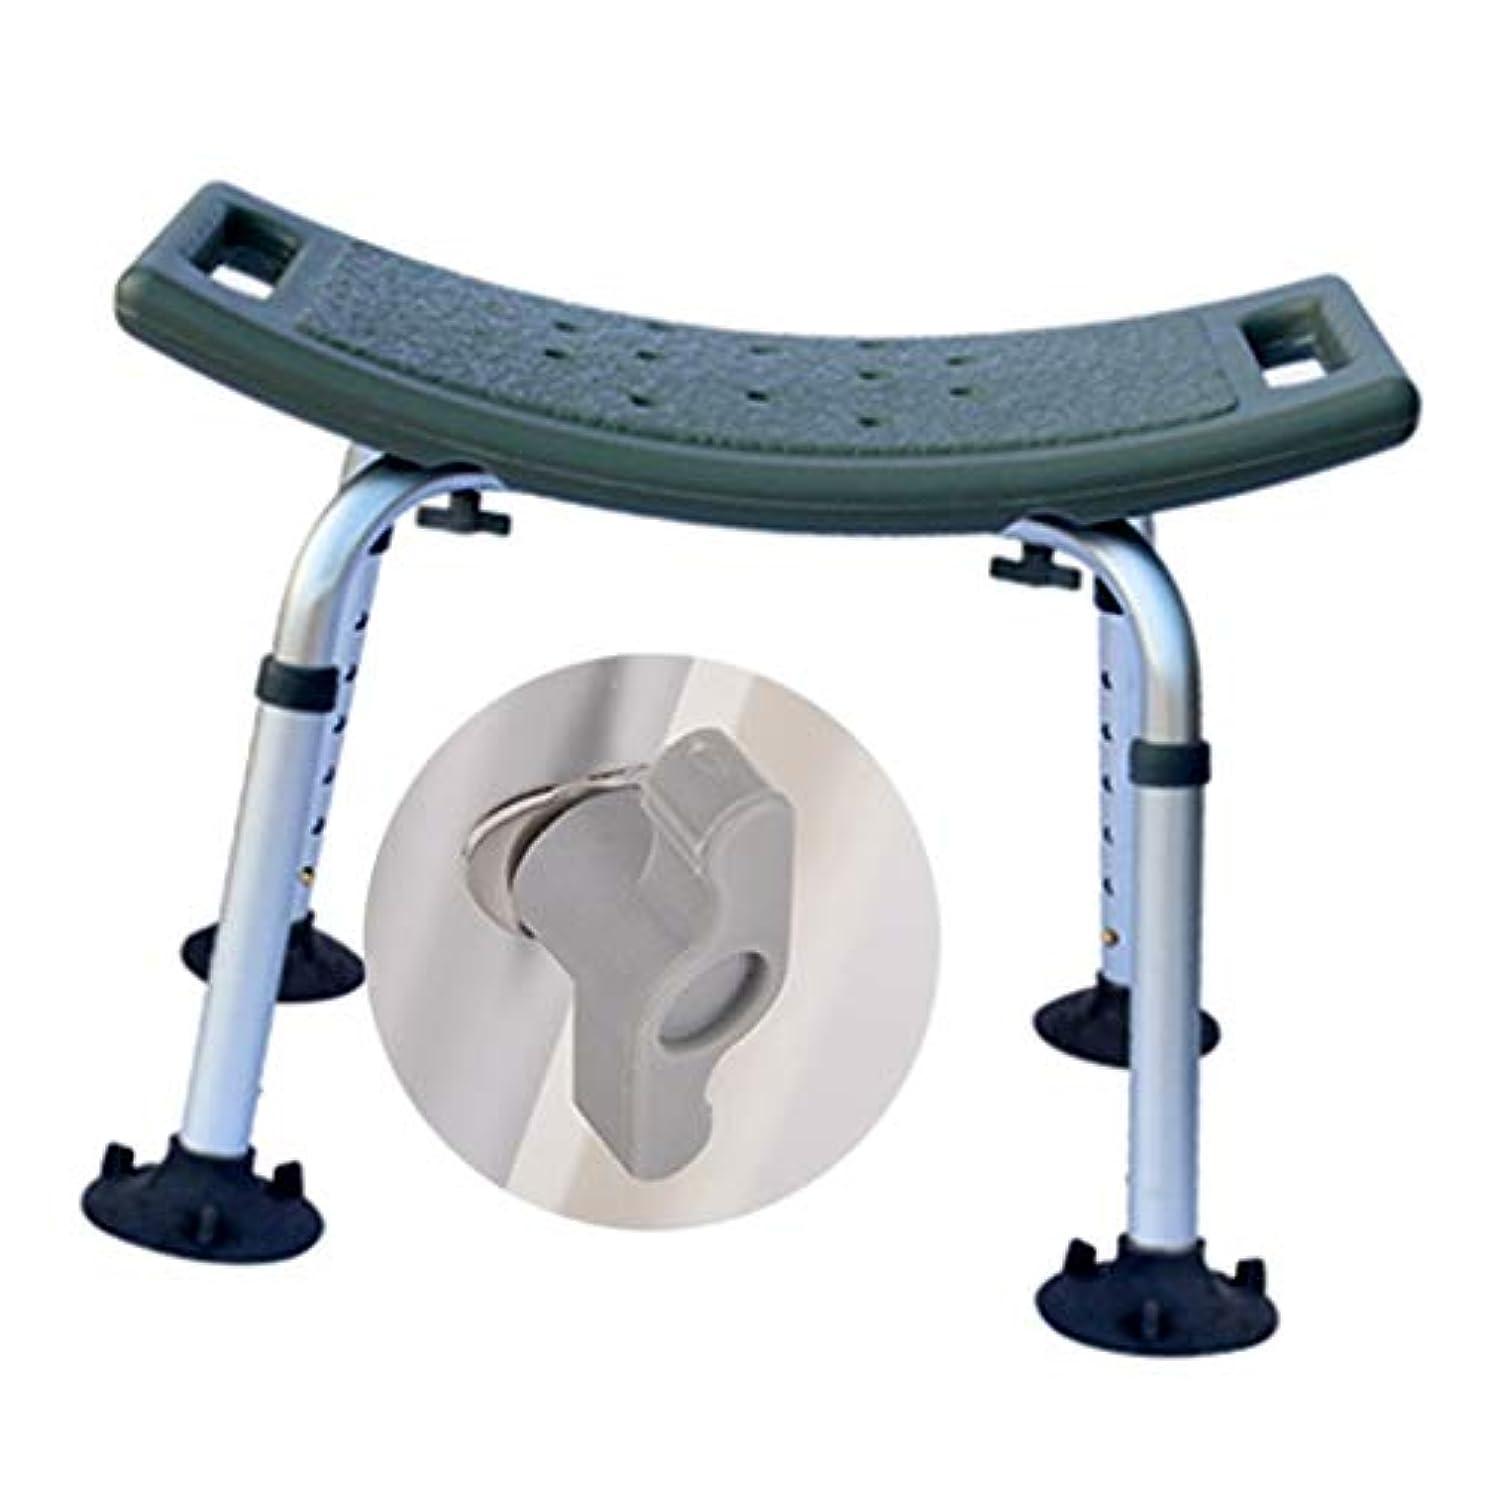 仮定縫う避けられない多機能アルミ製シャワースツール/高齢者/妊娠/身体障害者用/家庭/グレー/滑り止めスツール/カーブ